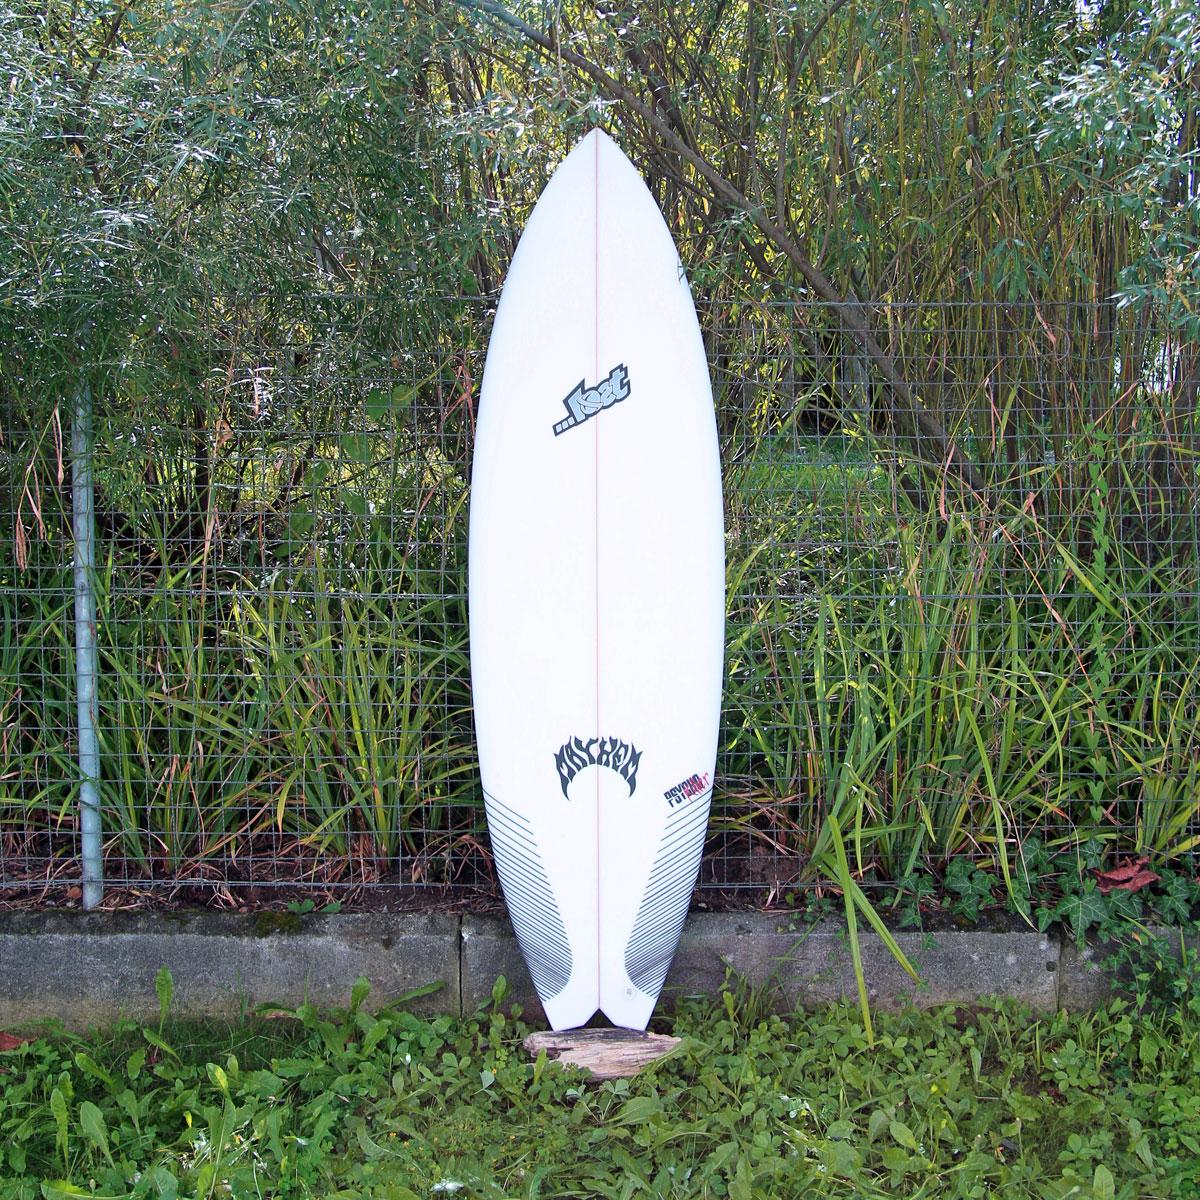 Lost Psycho Killer Surfboard